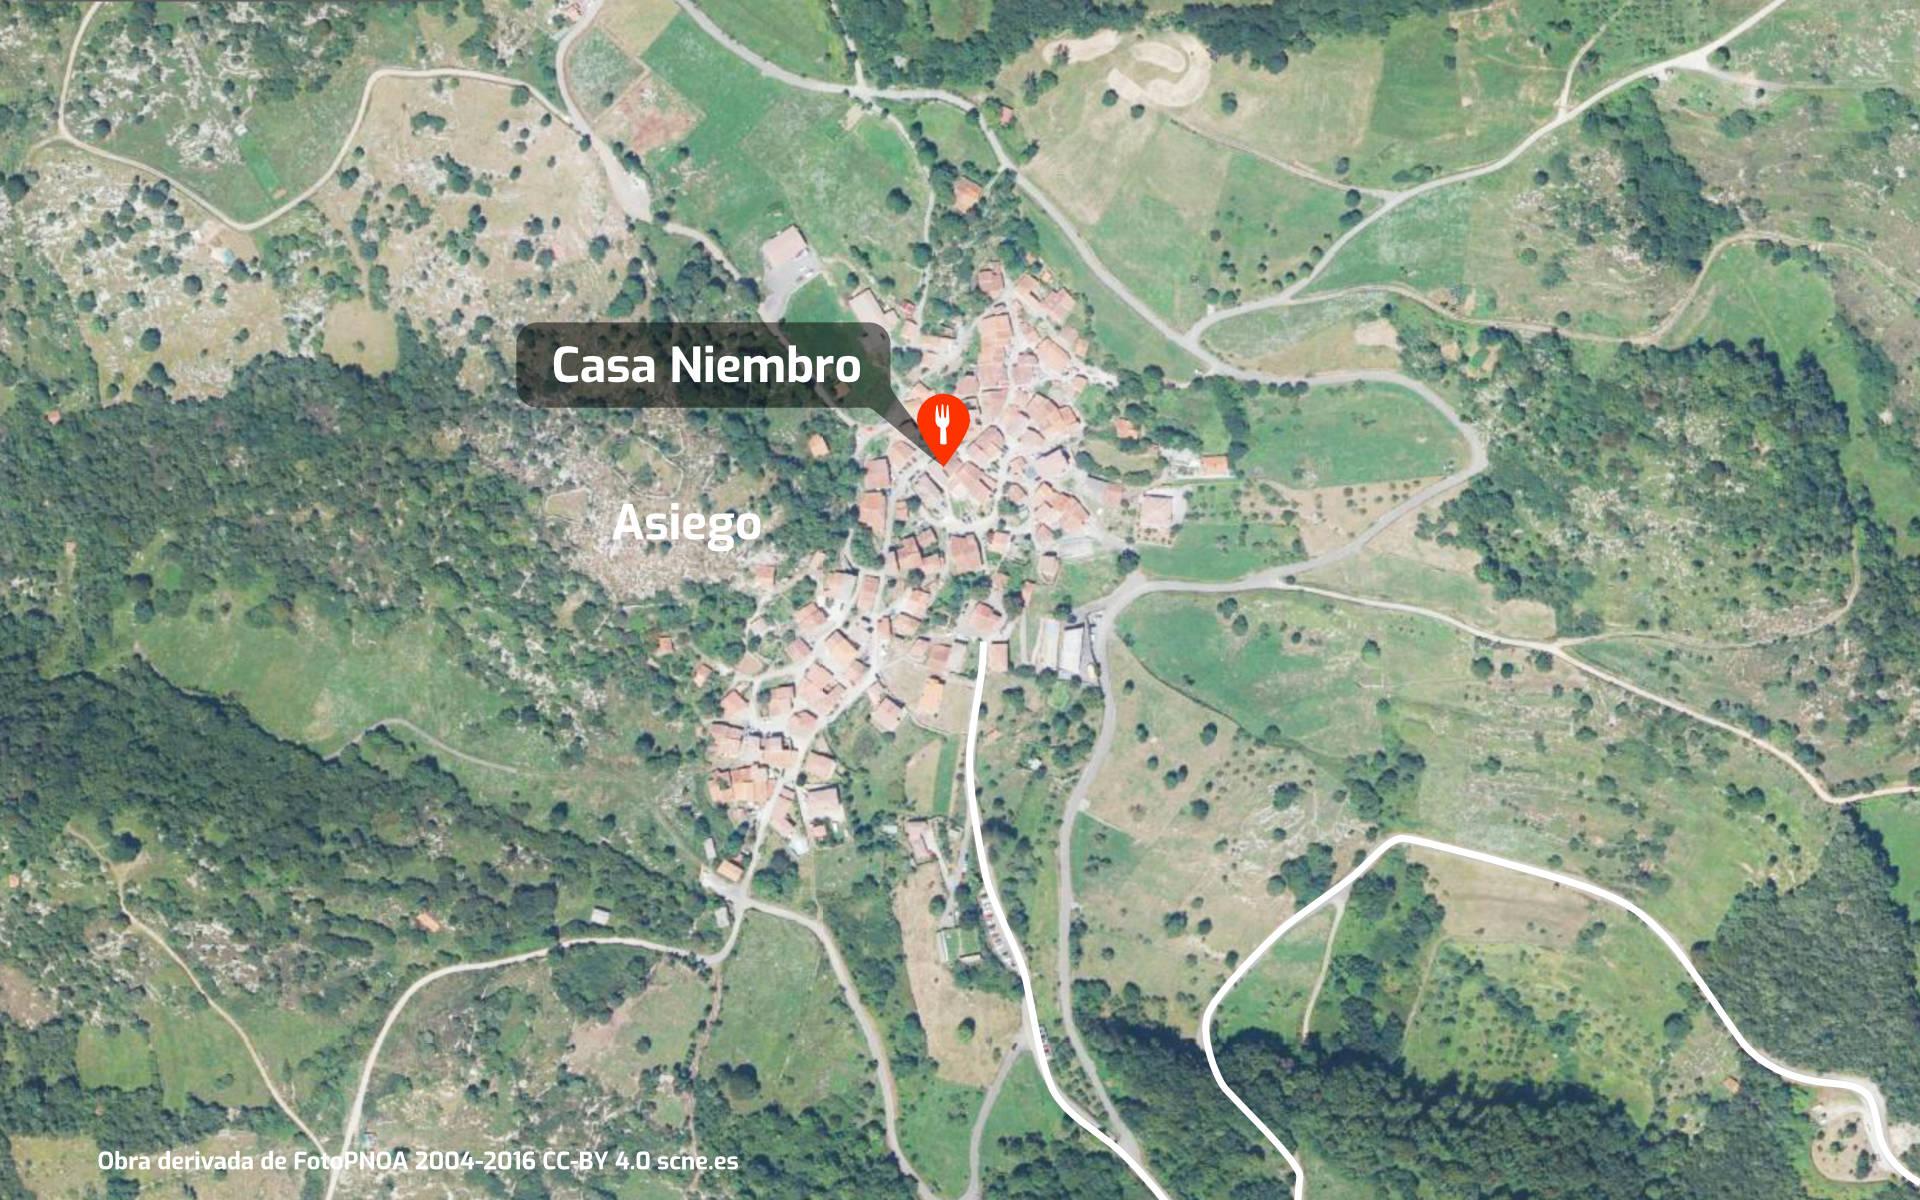 Mapa de cómo llegar al restaurante Casa Niembro en Asiego, Cabrales, Asturias